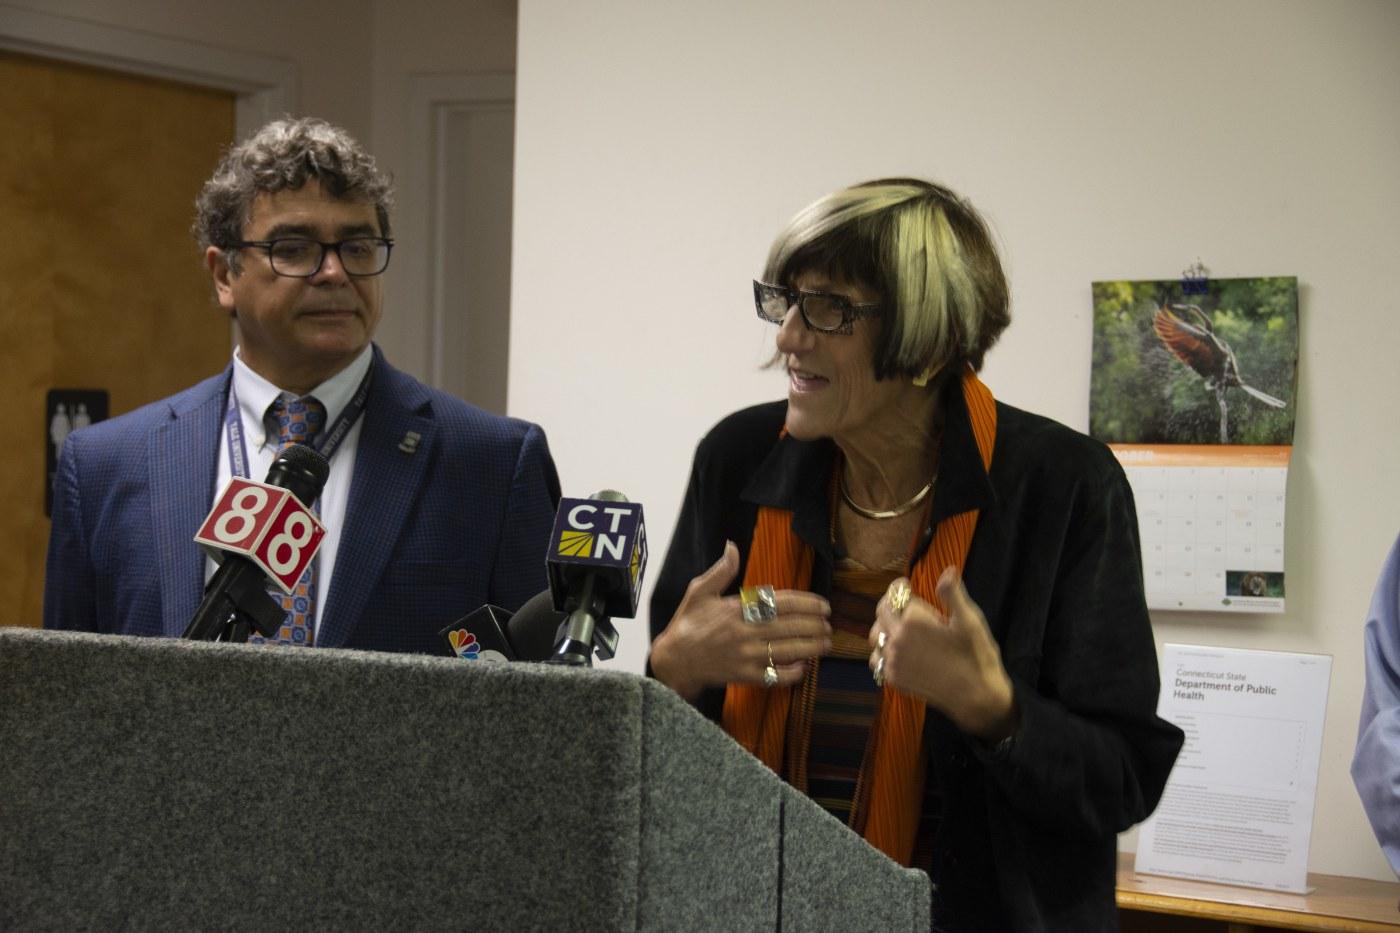 Rosa DeLauro (Right) and Vasilis Vasiliou (Left)